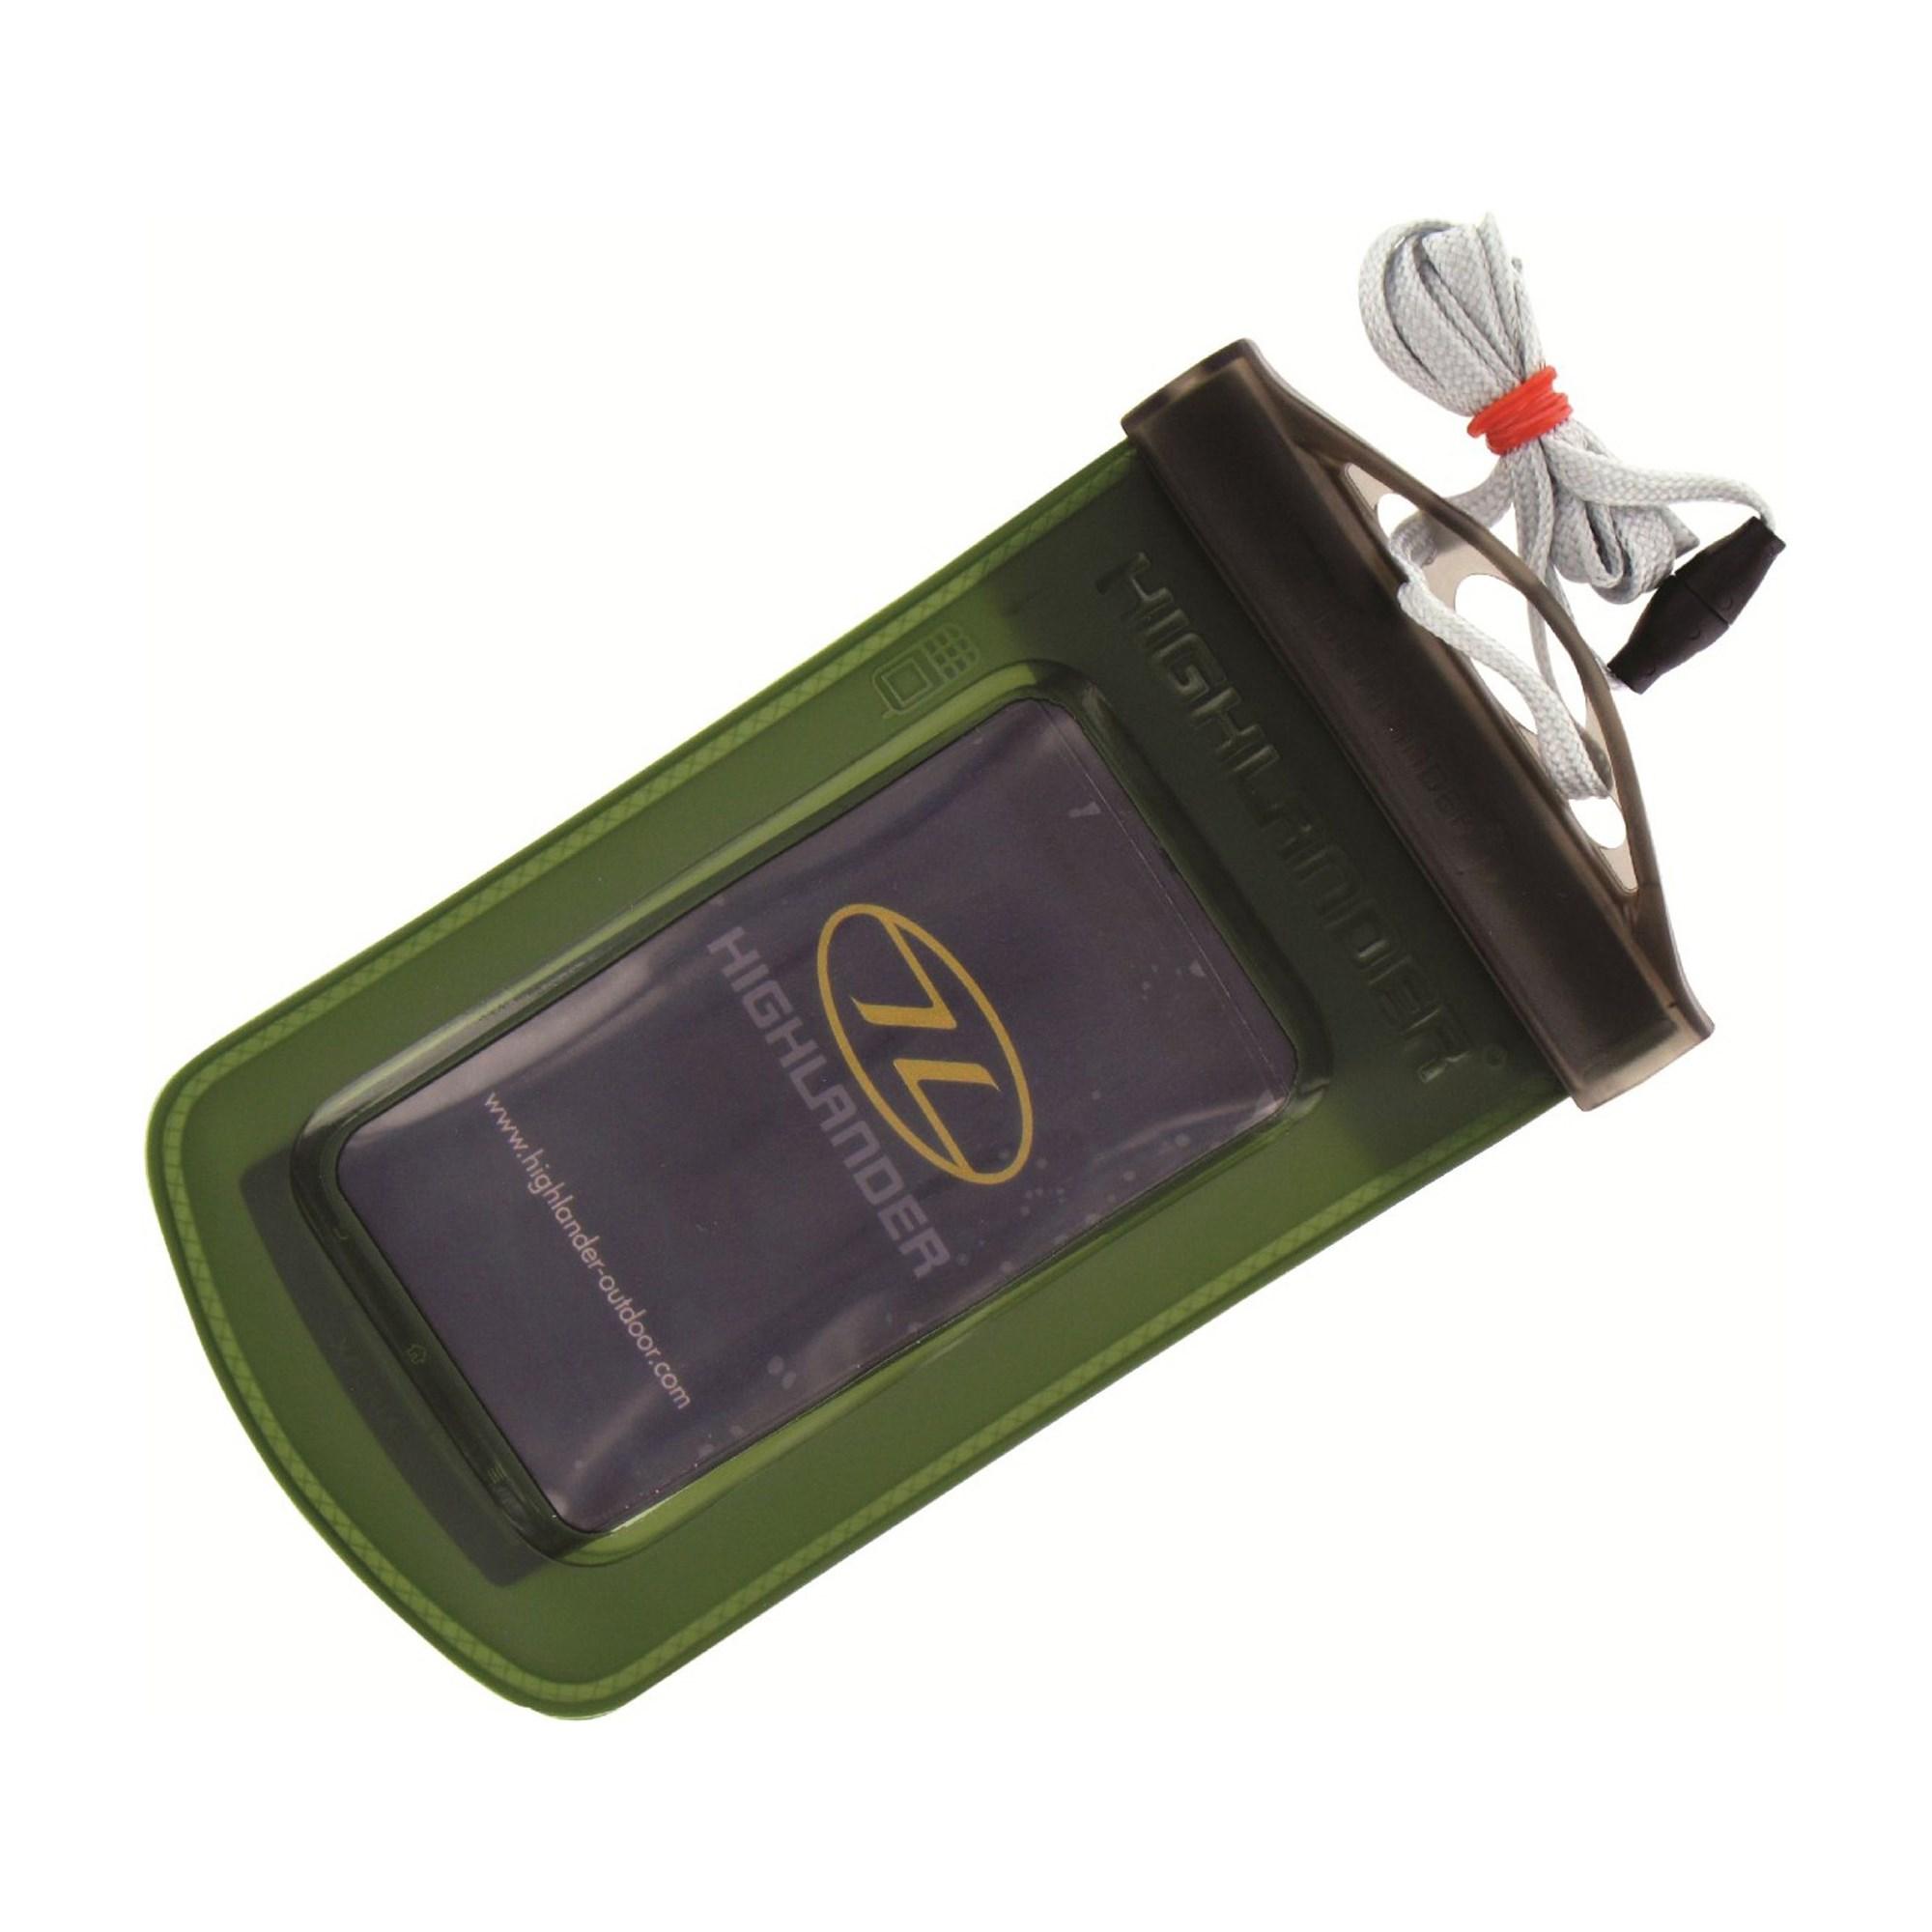 HIGHLANDER | Pouzdro vodotěsné dotykové na mobil 200 x 98 mm ZELENÉ